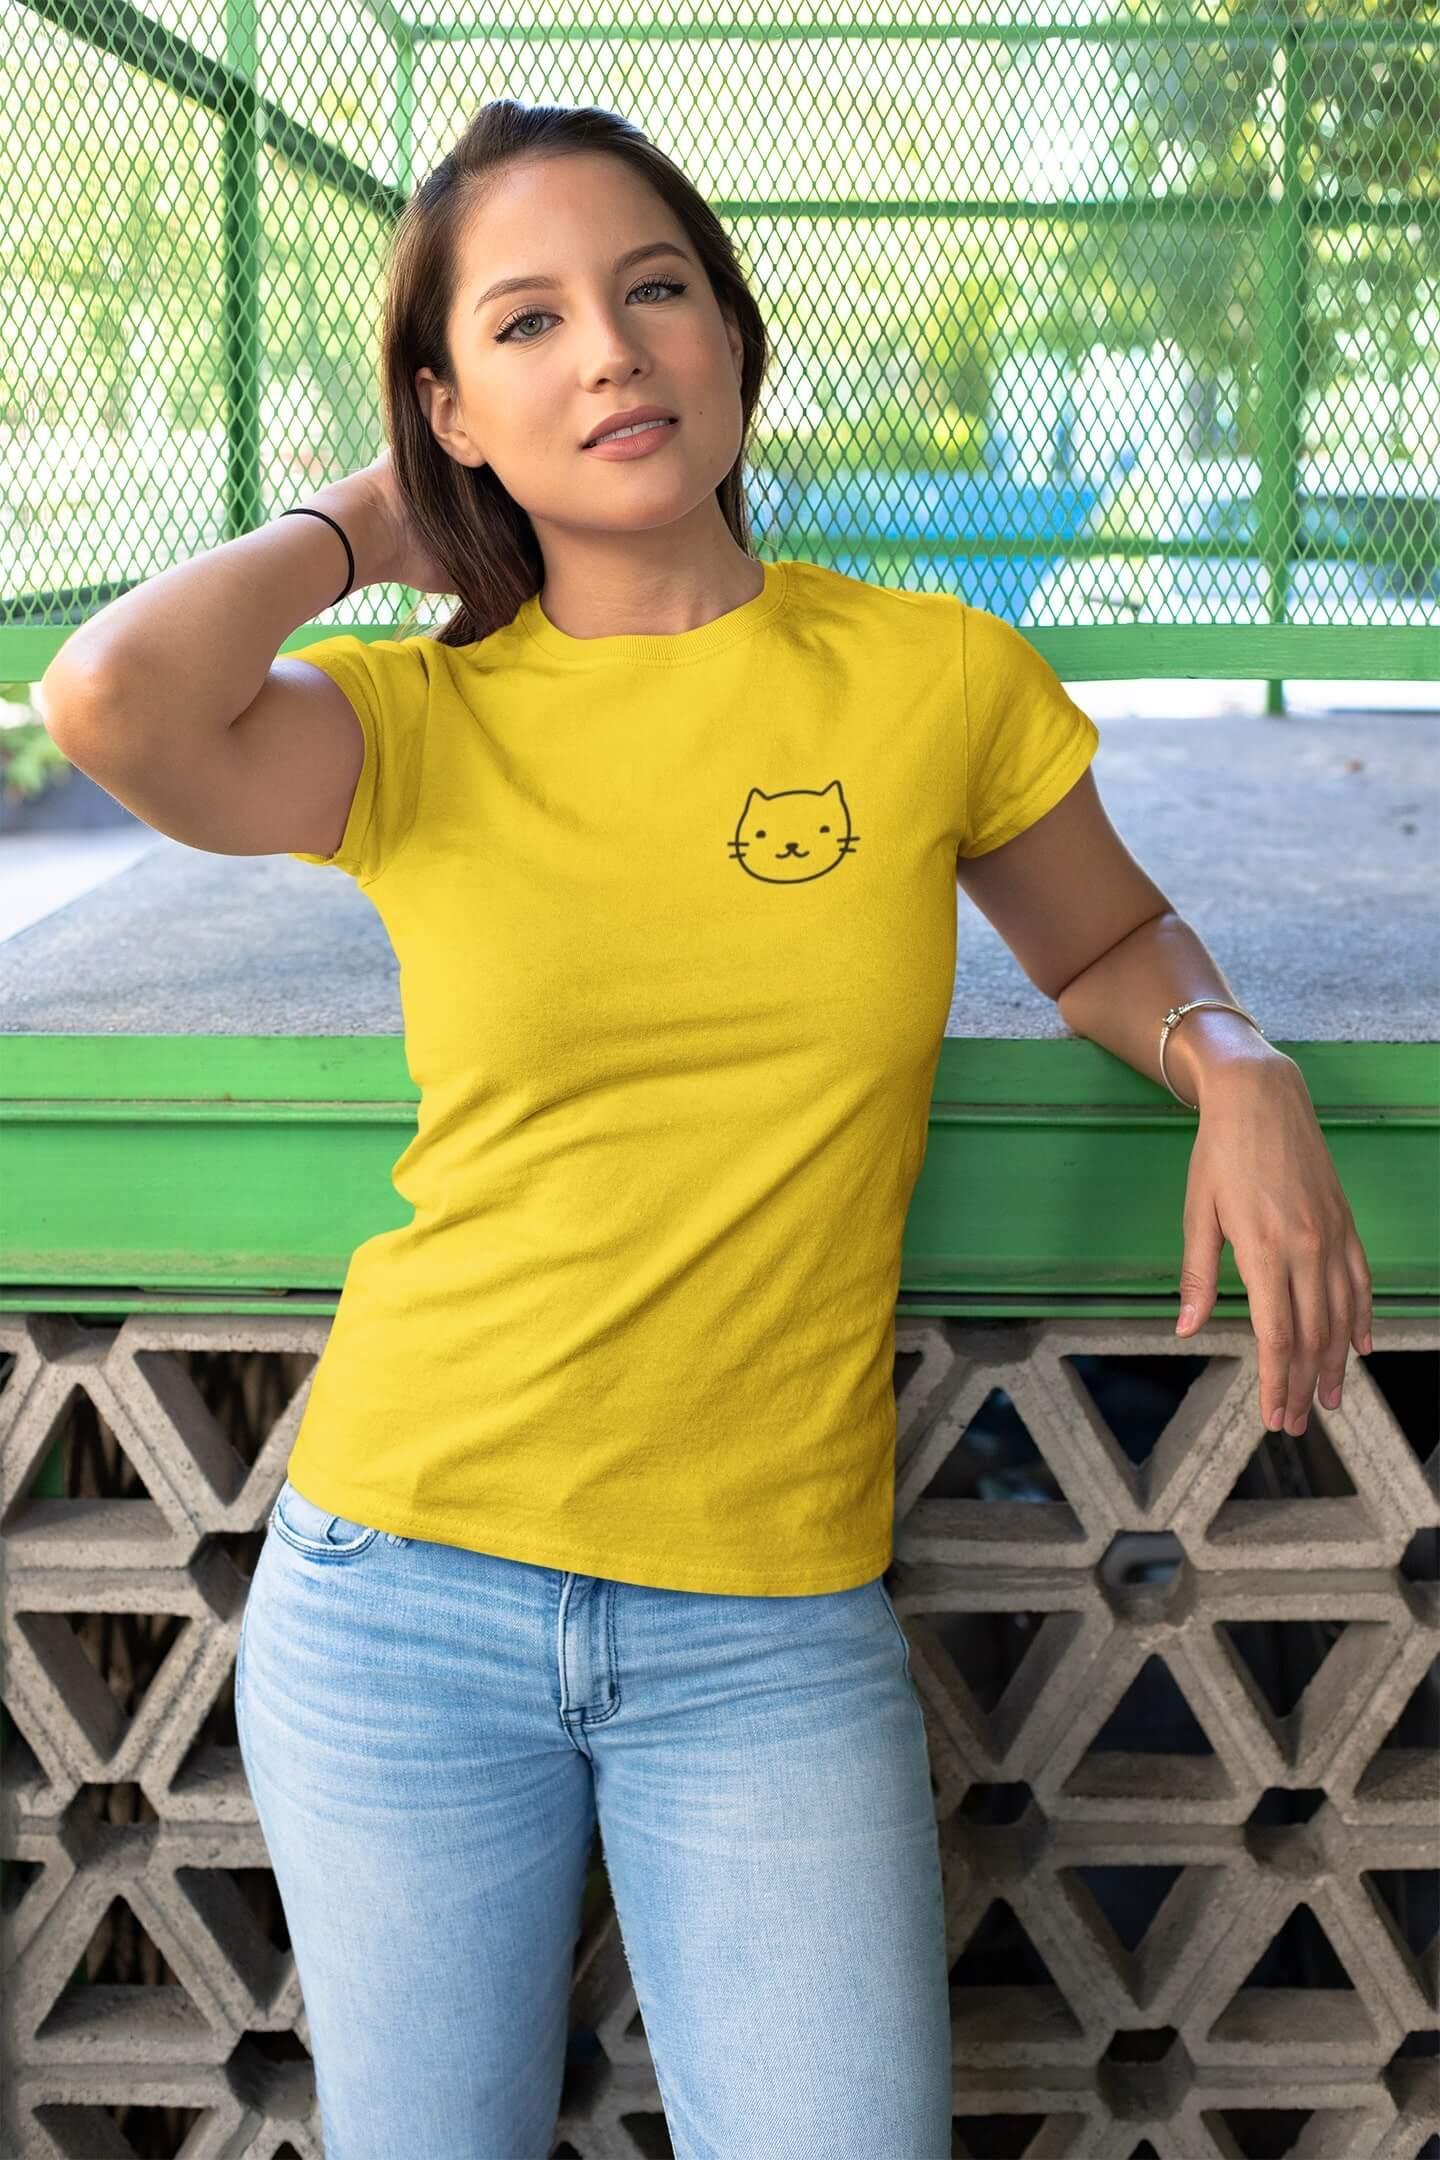 MMO Dámske tričko Mačka Vyberte farbu: Žltá, Dámska veľkosť: S